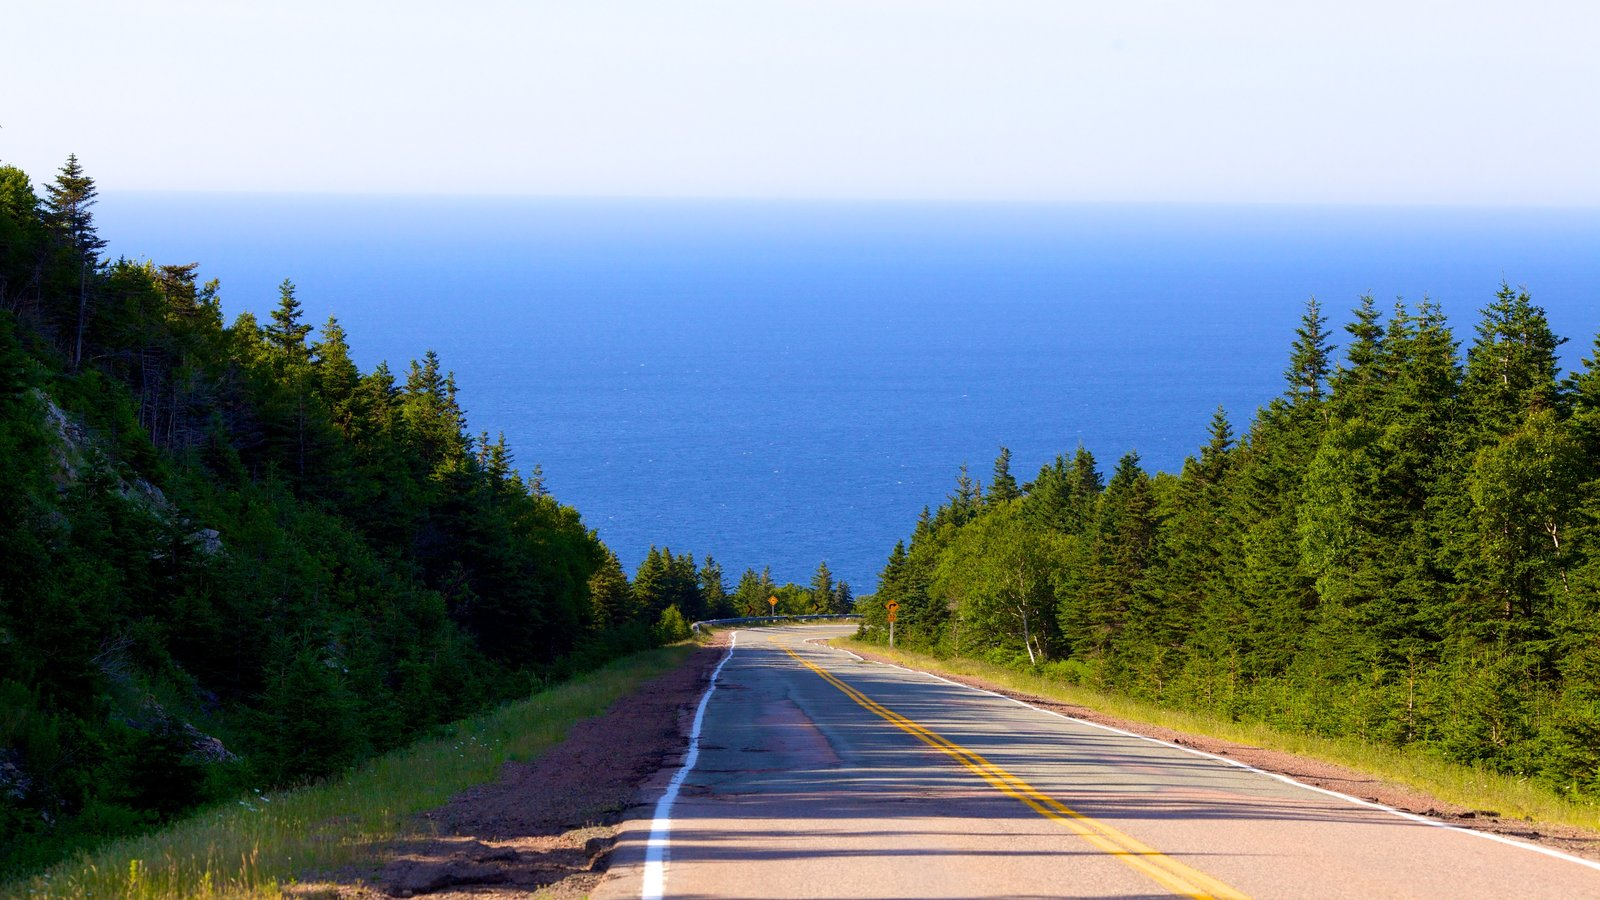 Cape Breton Highlands National Park caracterizando paisagens litorâneas